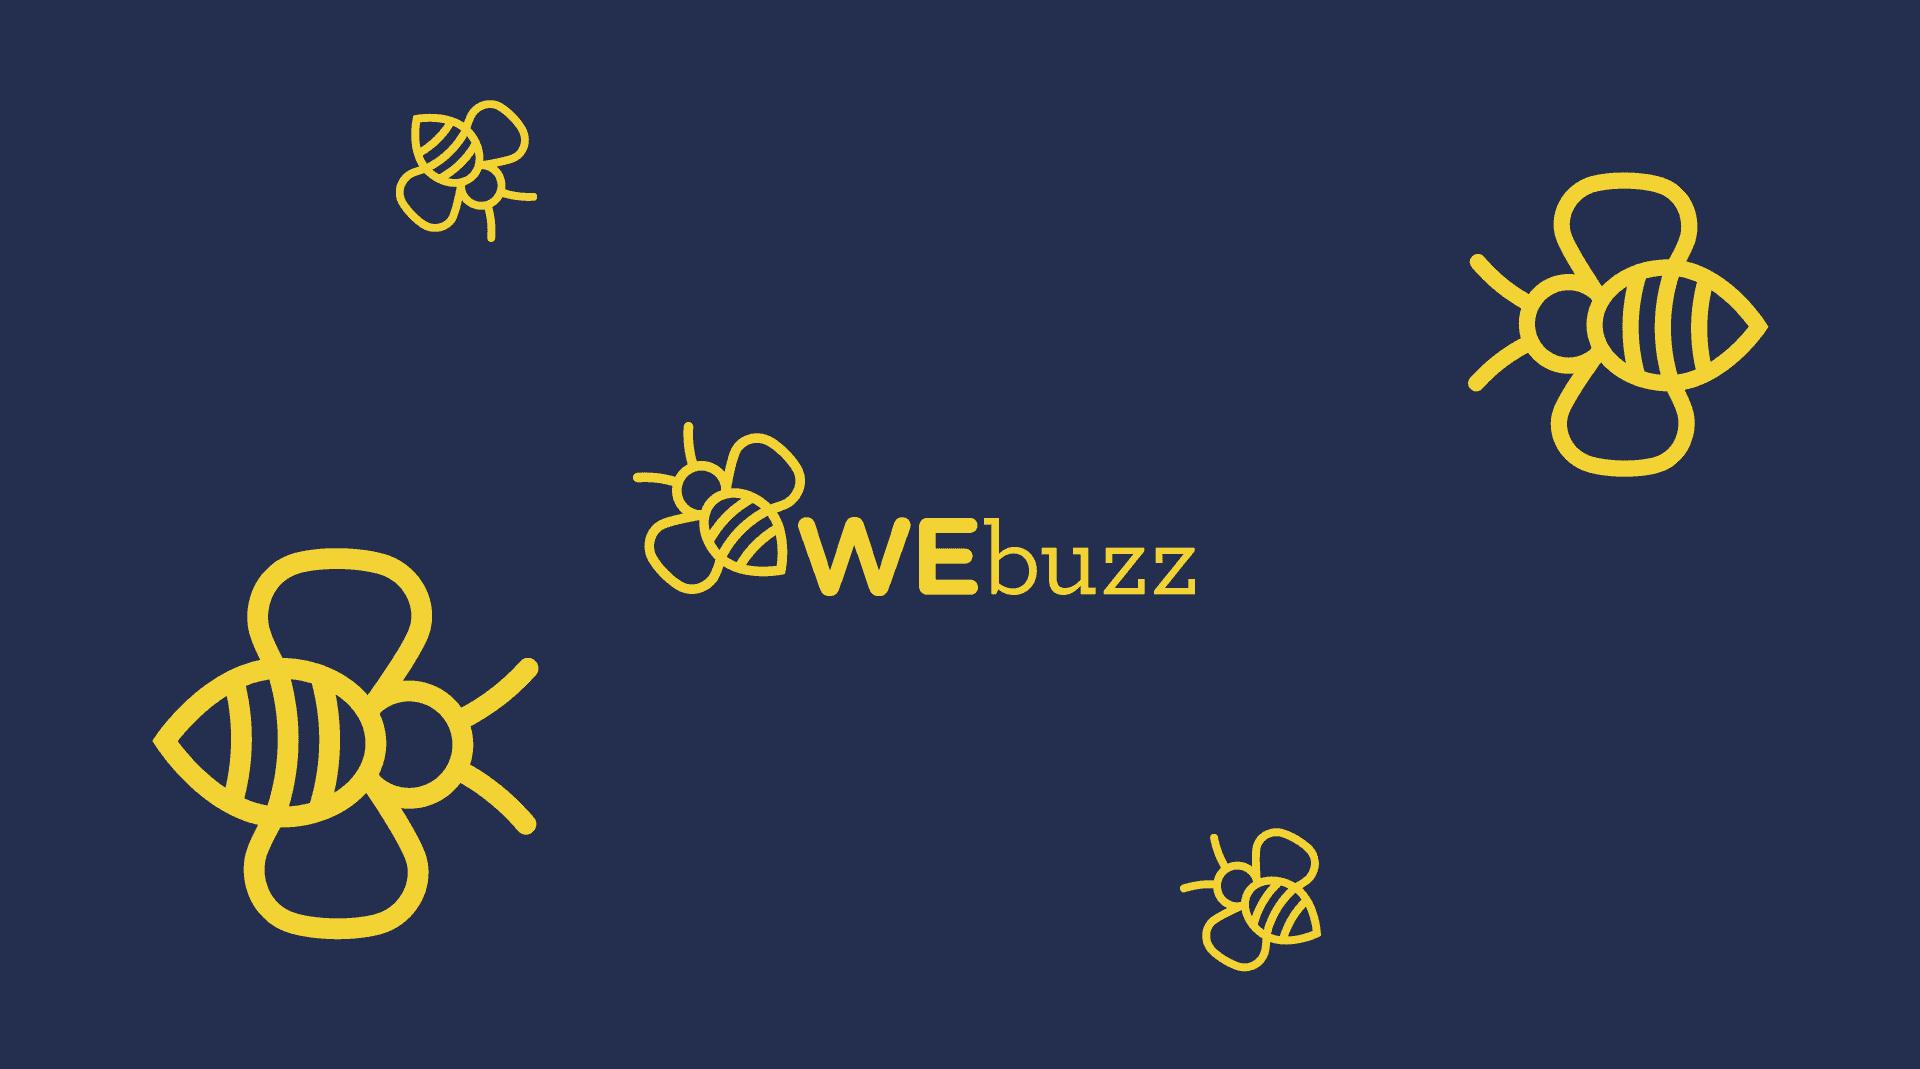 webuzz-outro